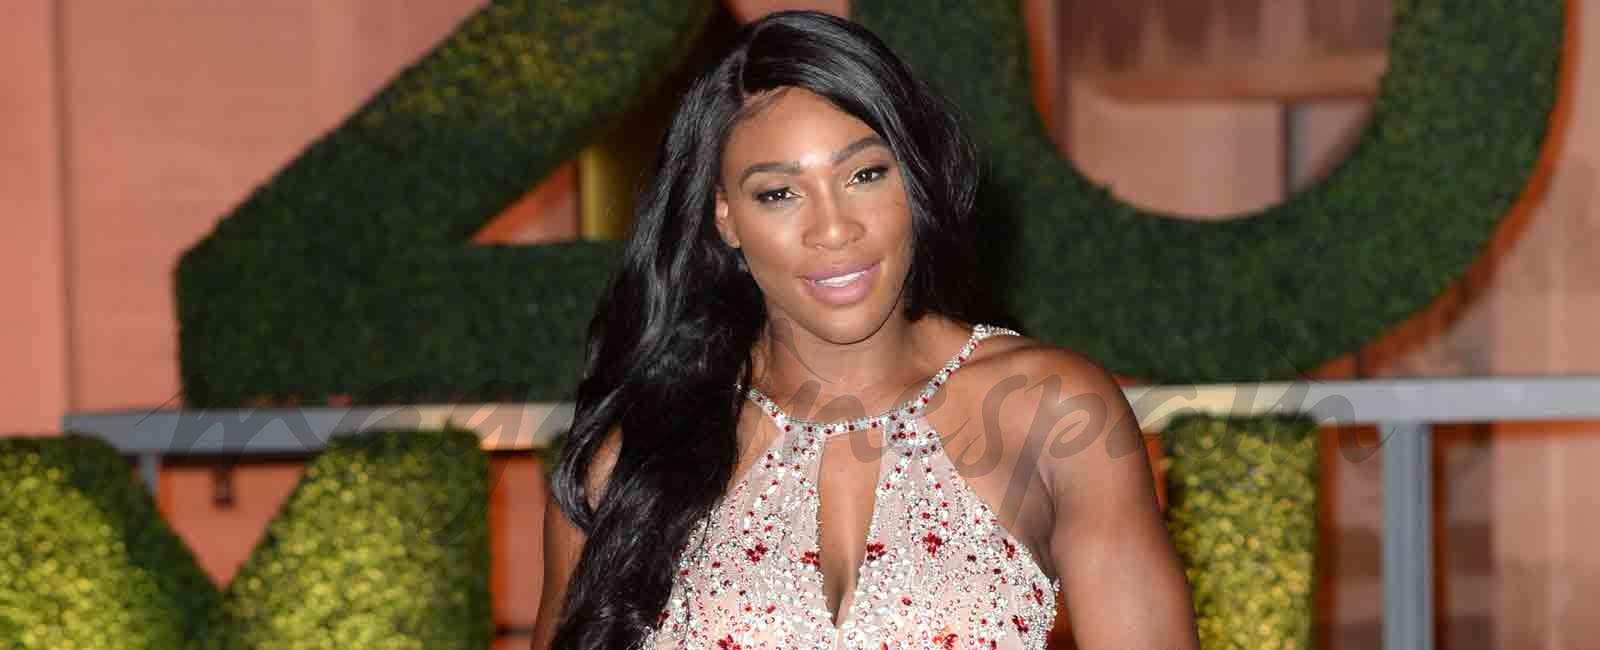 Serena Williams embarazada de cinco meses